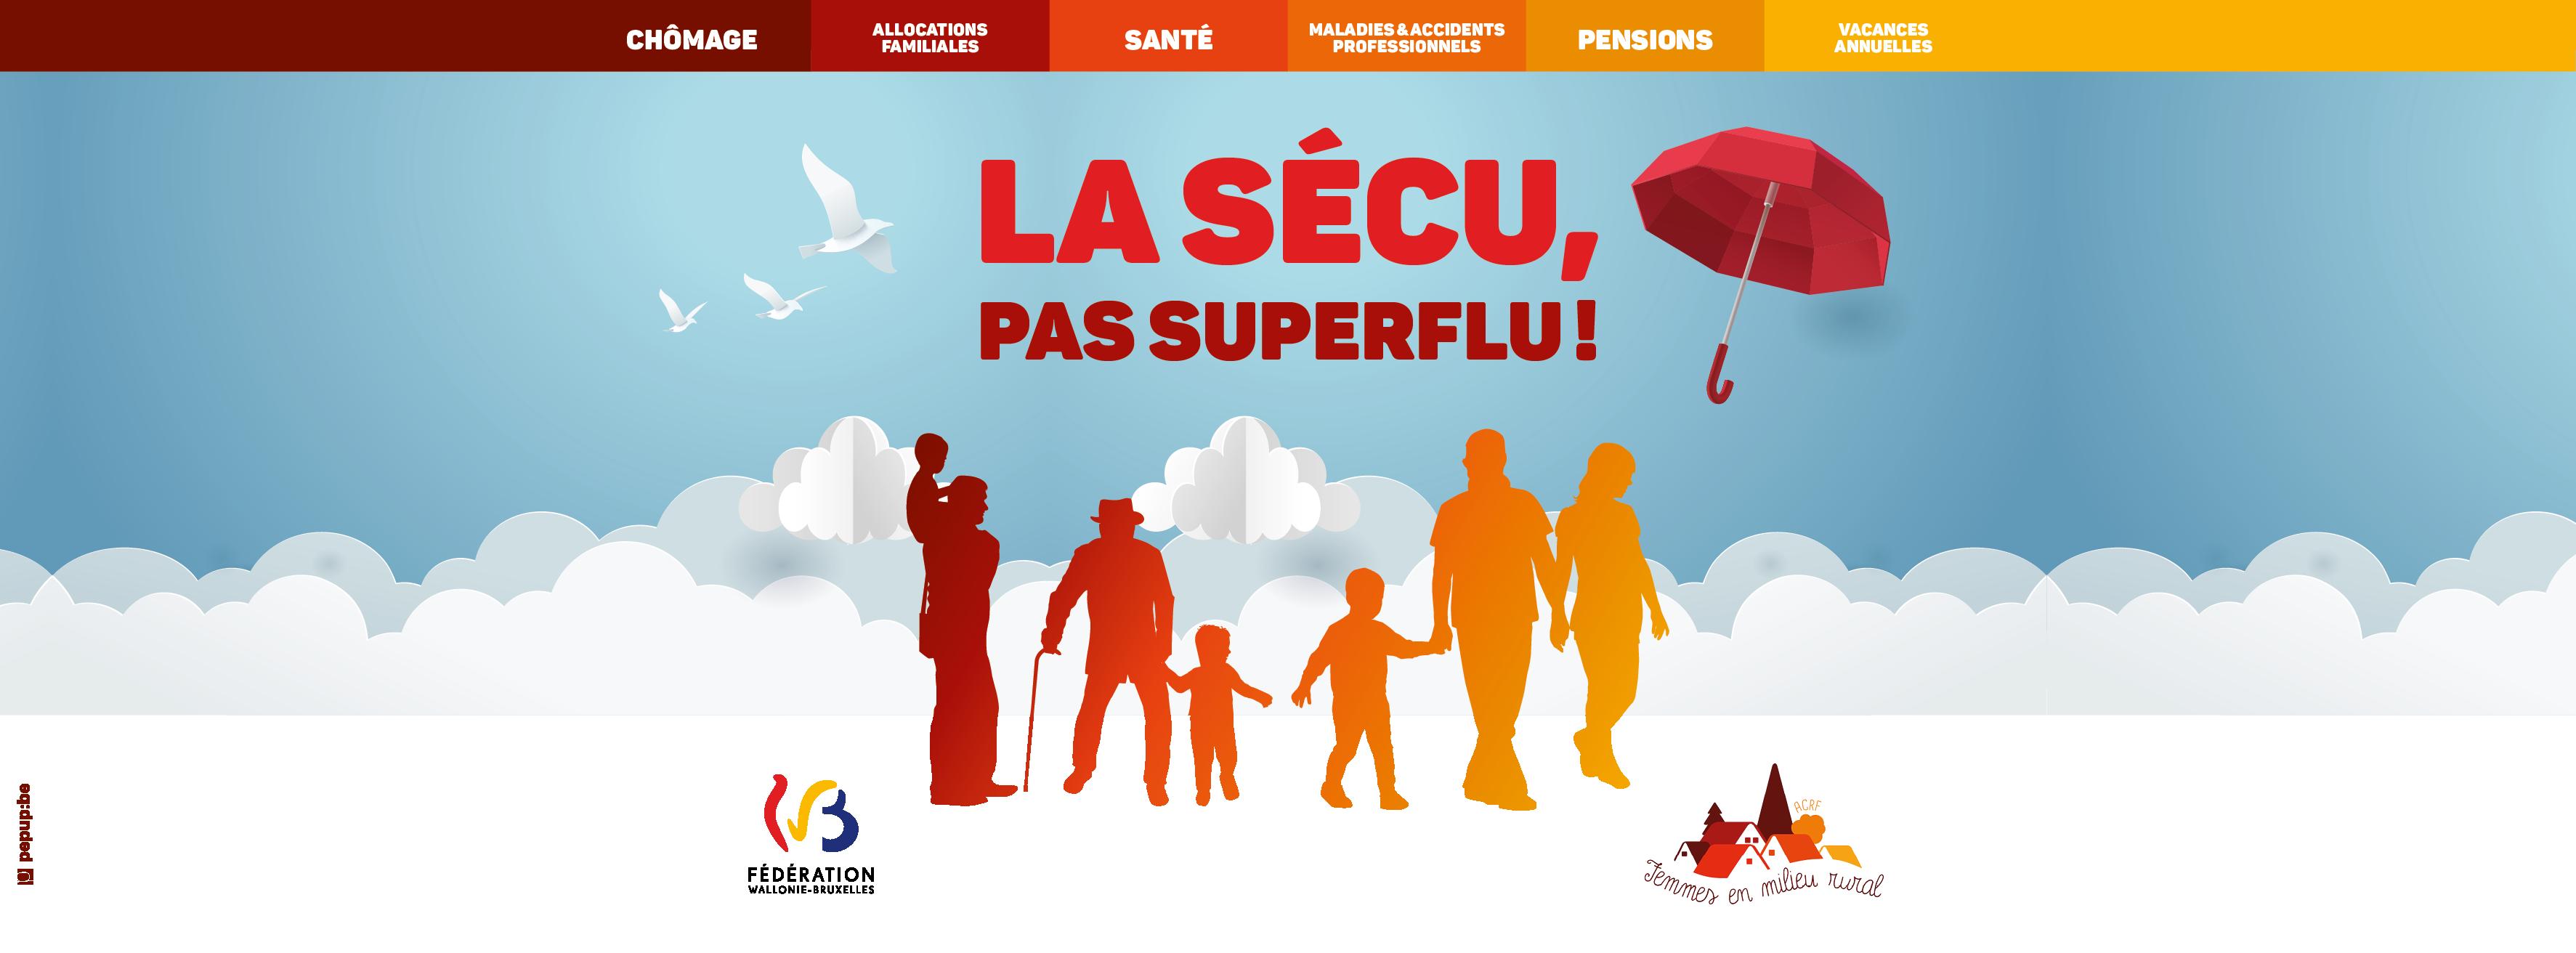 Campagne 2020 : La sécu, pas superflu !